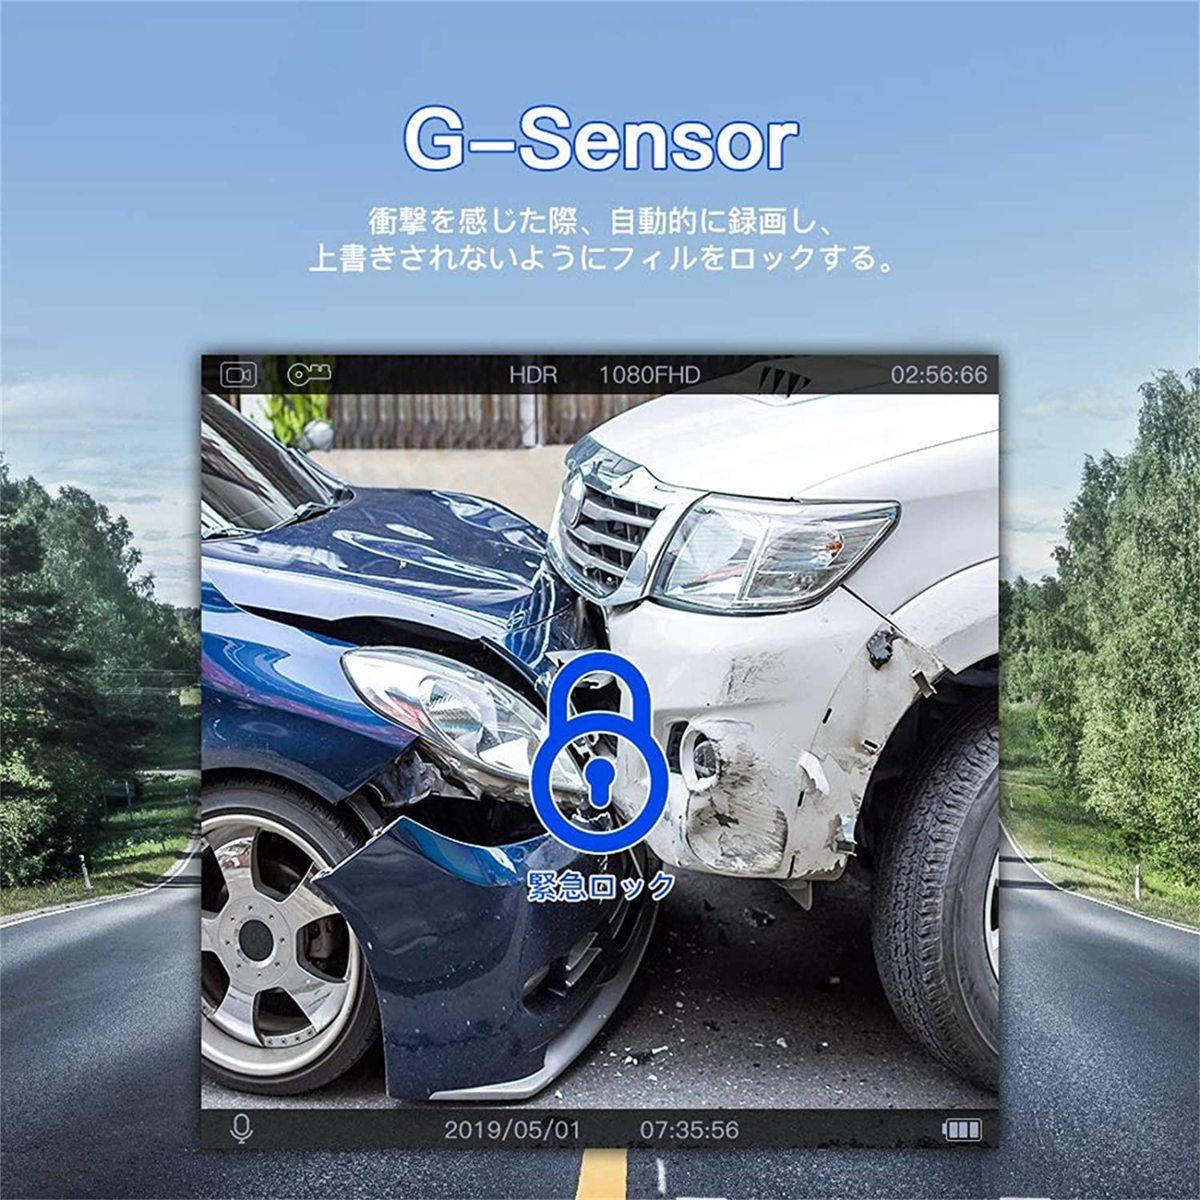 ■新品■ドライブレコーダー 高画質 170度広角 フルHD 駐車監視 Gセンサー ループ録画 上書き機能 高速起動 緊急録画 取り付け簡単!_画像7